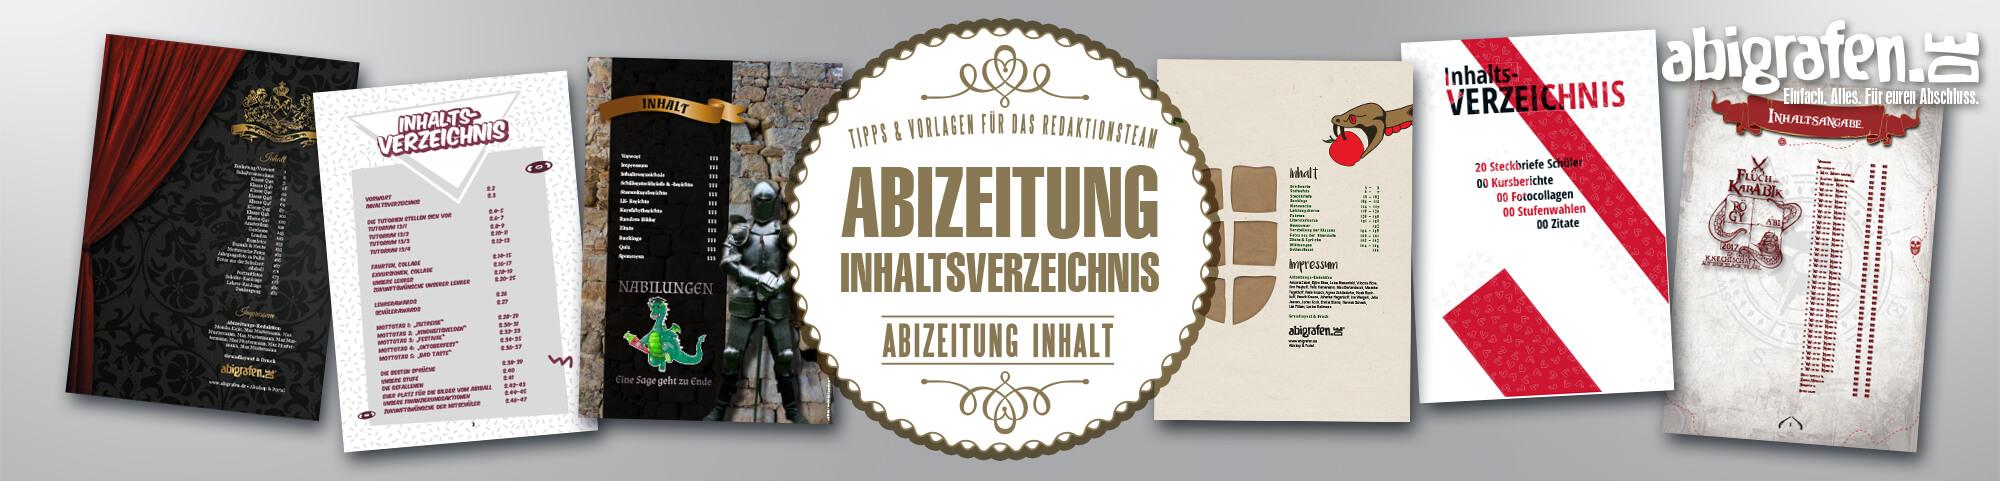 Ideen & Beispiele für das Inhaltsvereichnis in Abizeitung/Abibuch